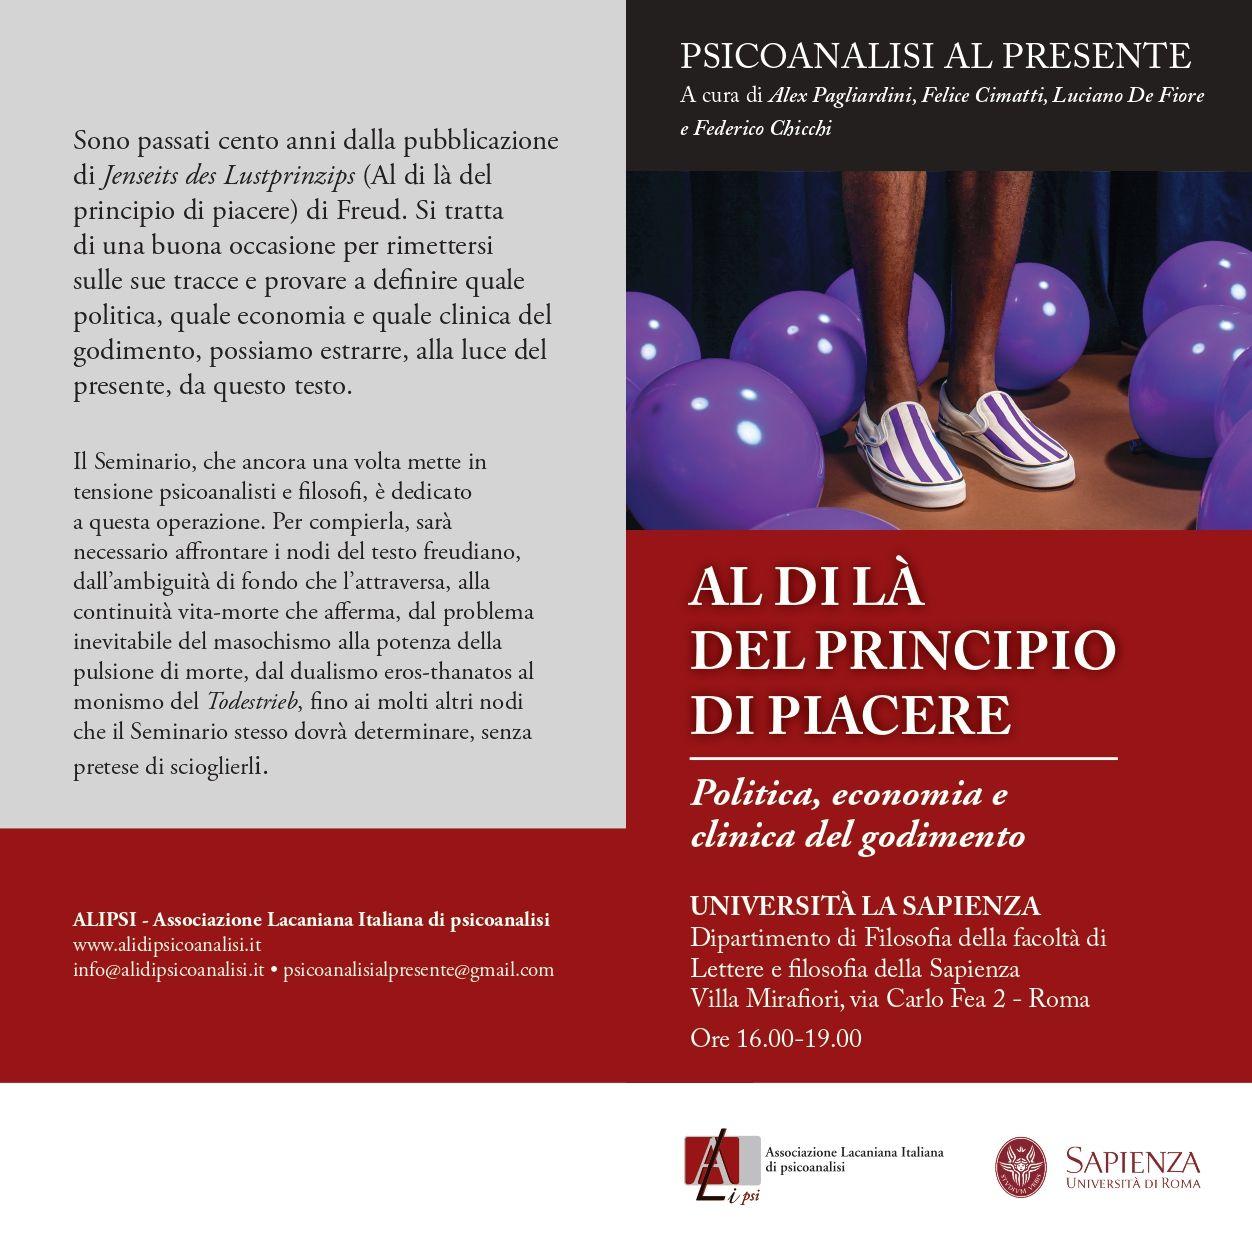 aldila-del-principio-di-piacere-seminario-alipsi_page-0001